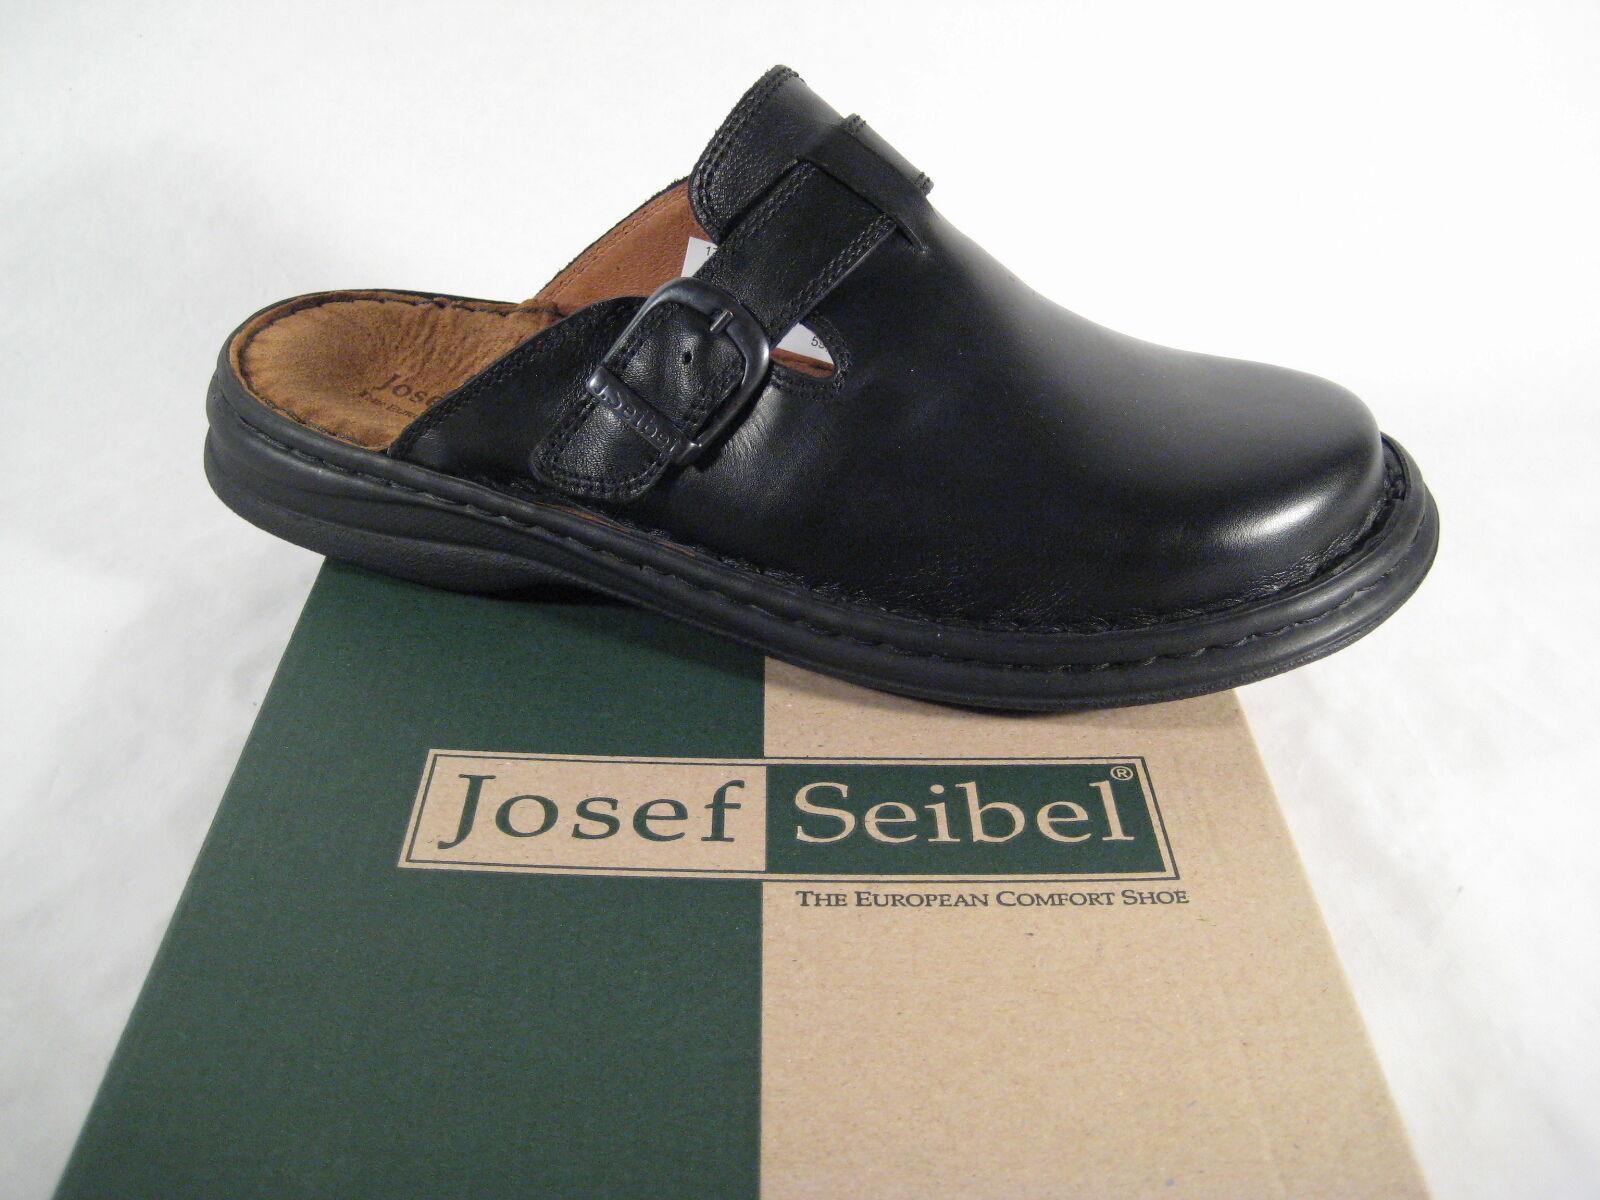 Seibel Clogs Clogs Clogs Pantolette Pantoffel Pantoletten 10122 schwarz Leder NEU 4c8f01